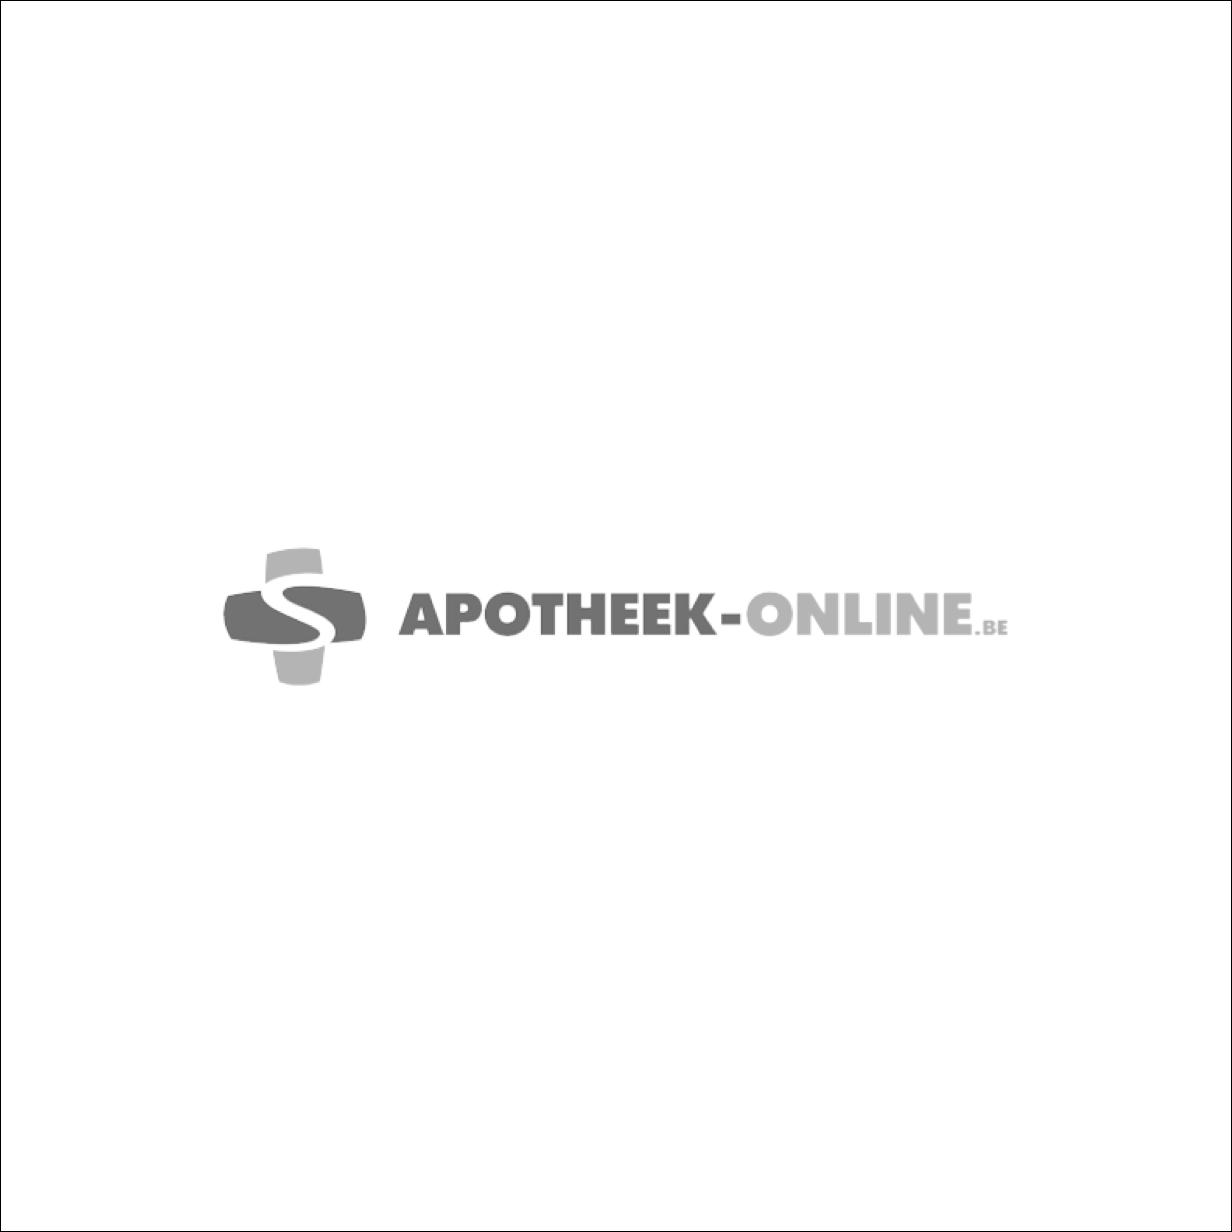 BD PLASTIPAK SPUIT LUER TUBERCULINE 1ML 1 300013